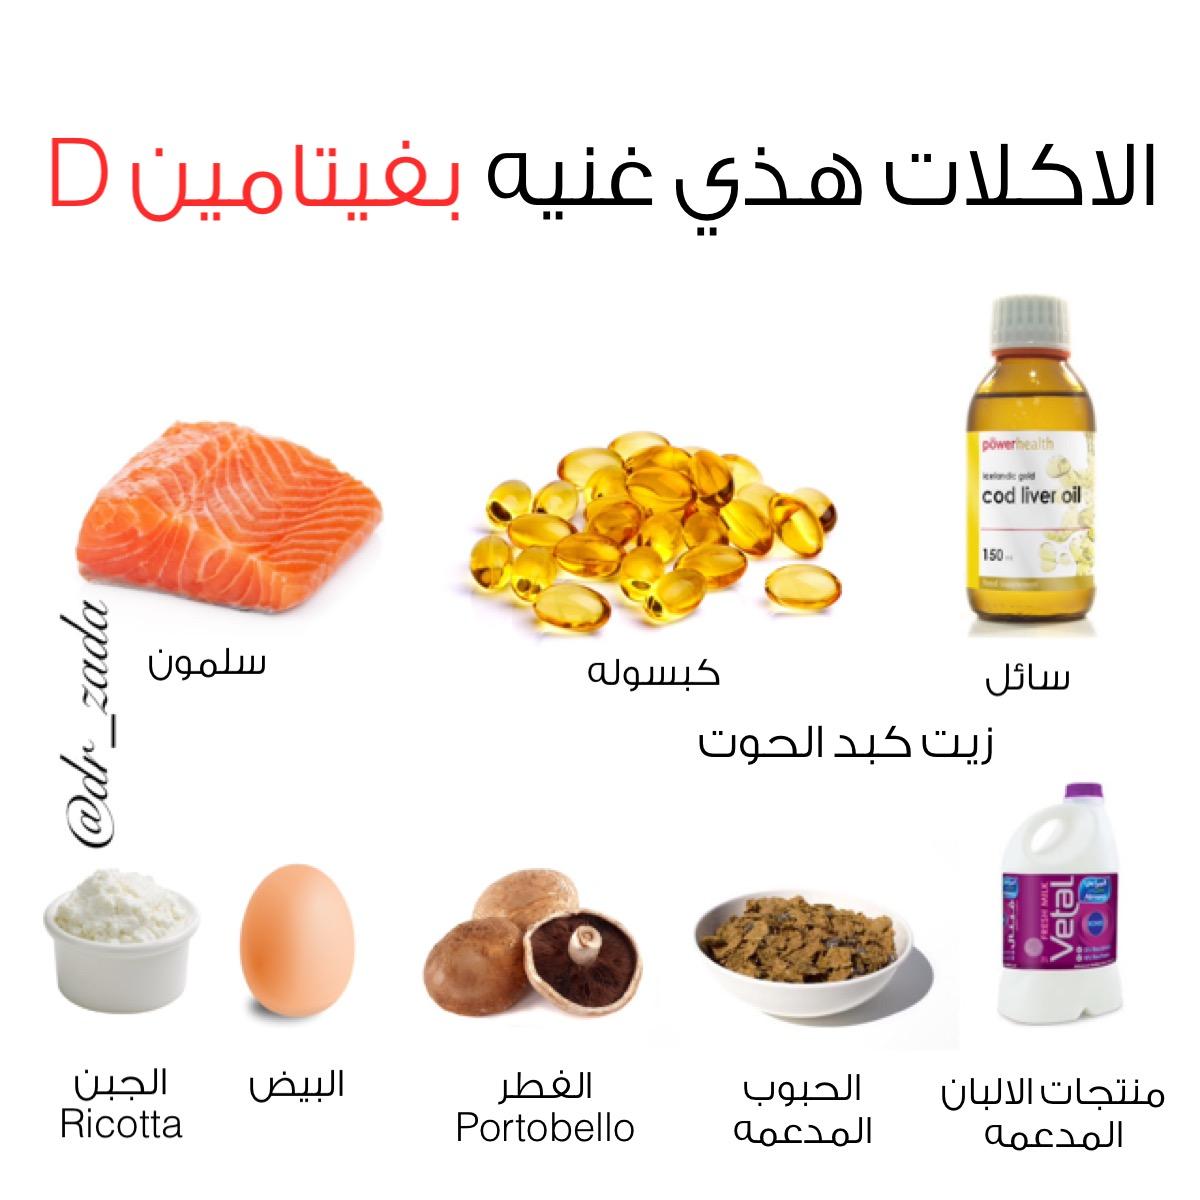 بالصور مصادر فيتامين د , ما هي مصادر فيتامين د 1054